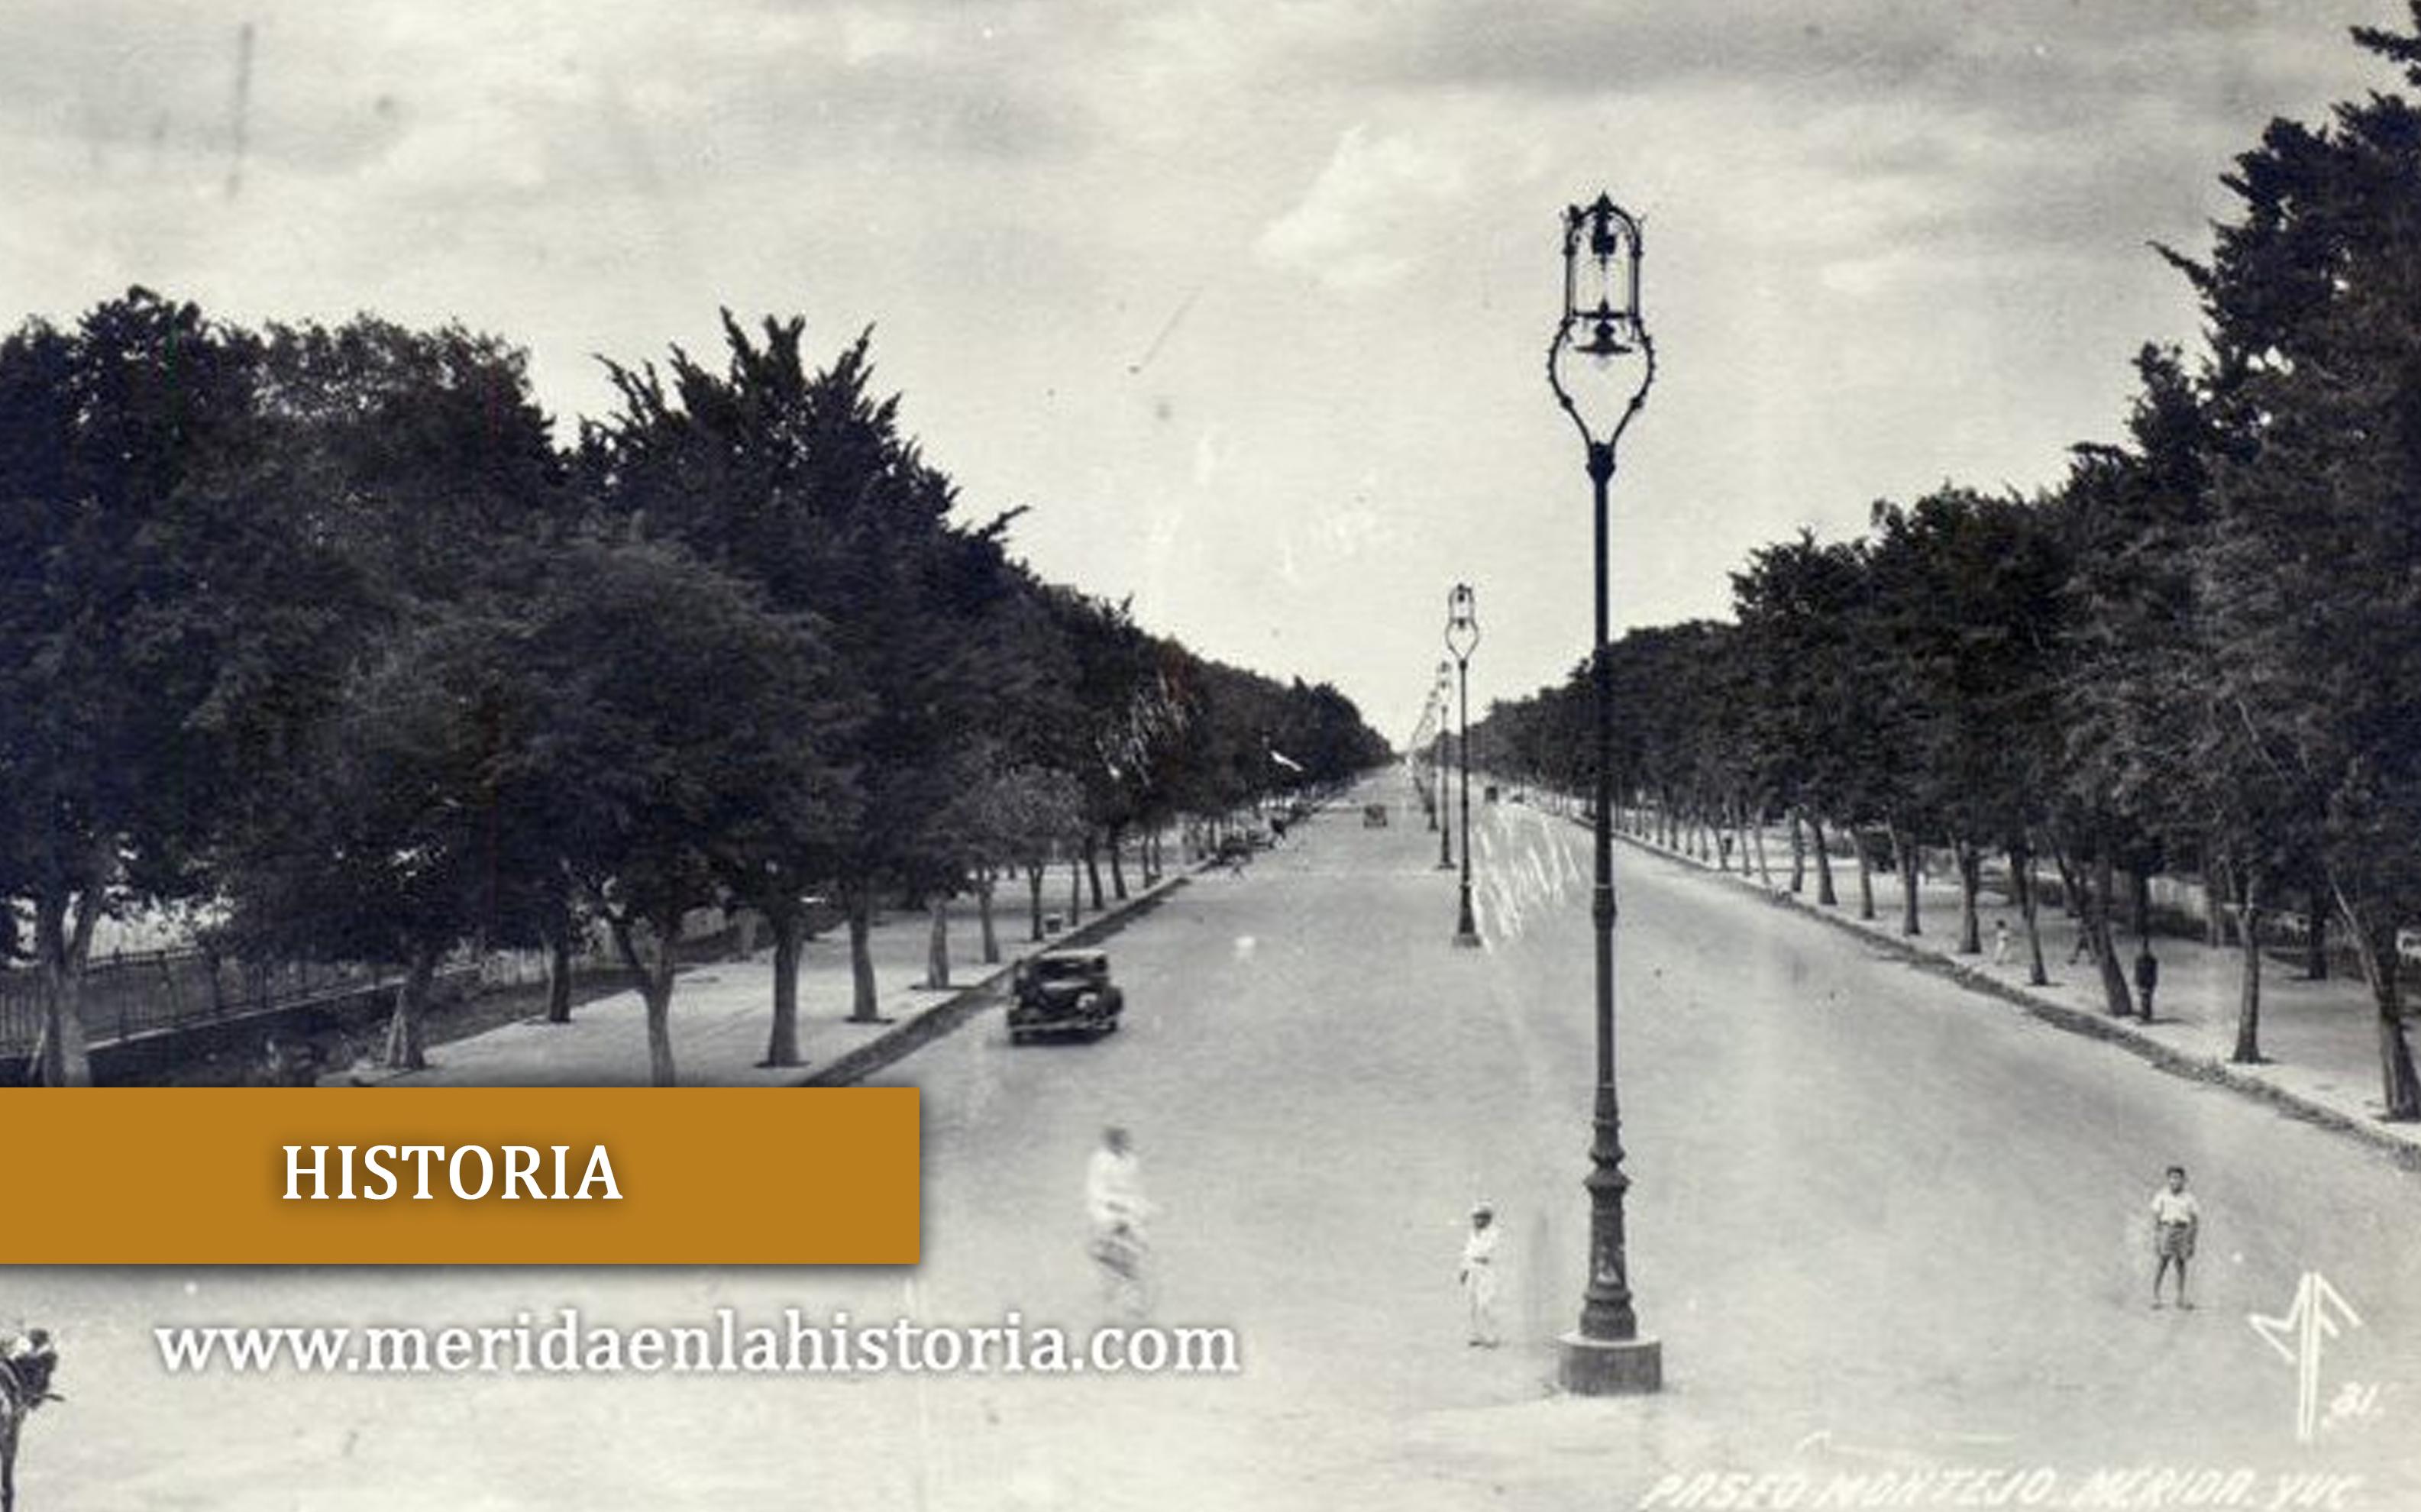 Historia de Paseo de Montejo